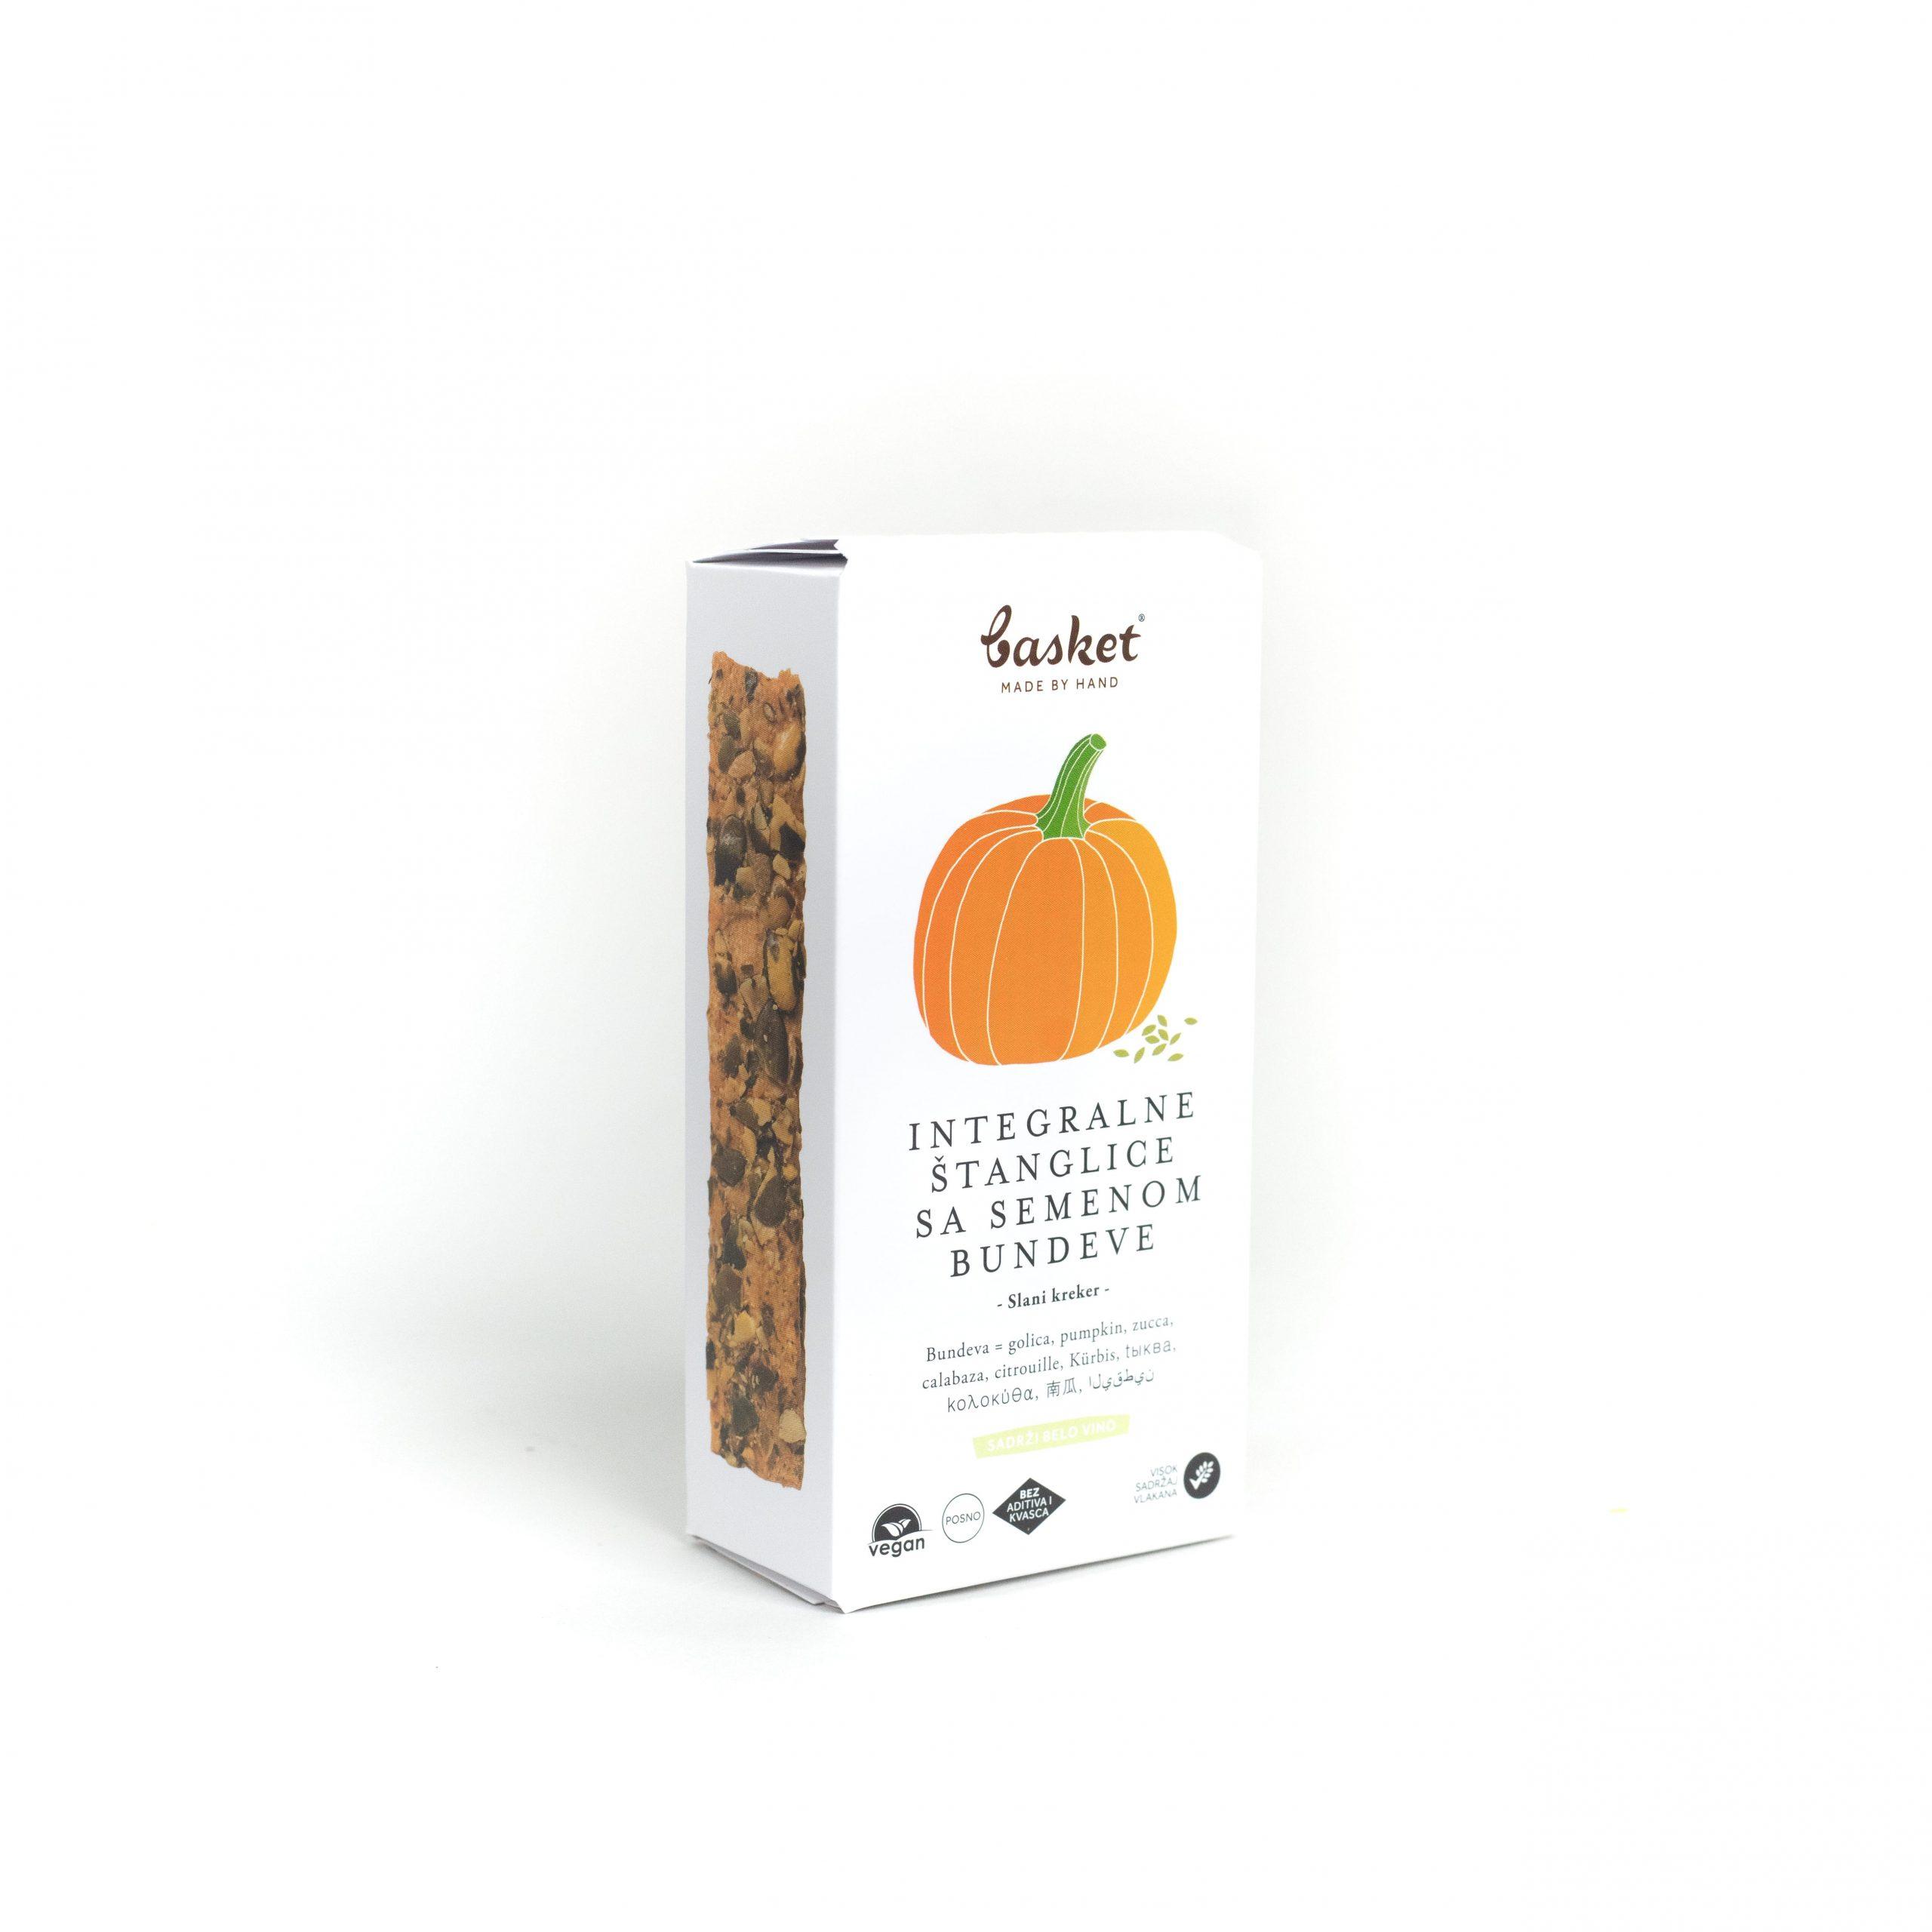 Integralne štanglice sa semenom bundeve